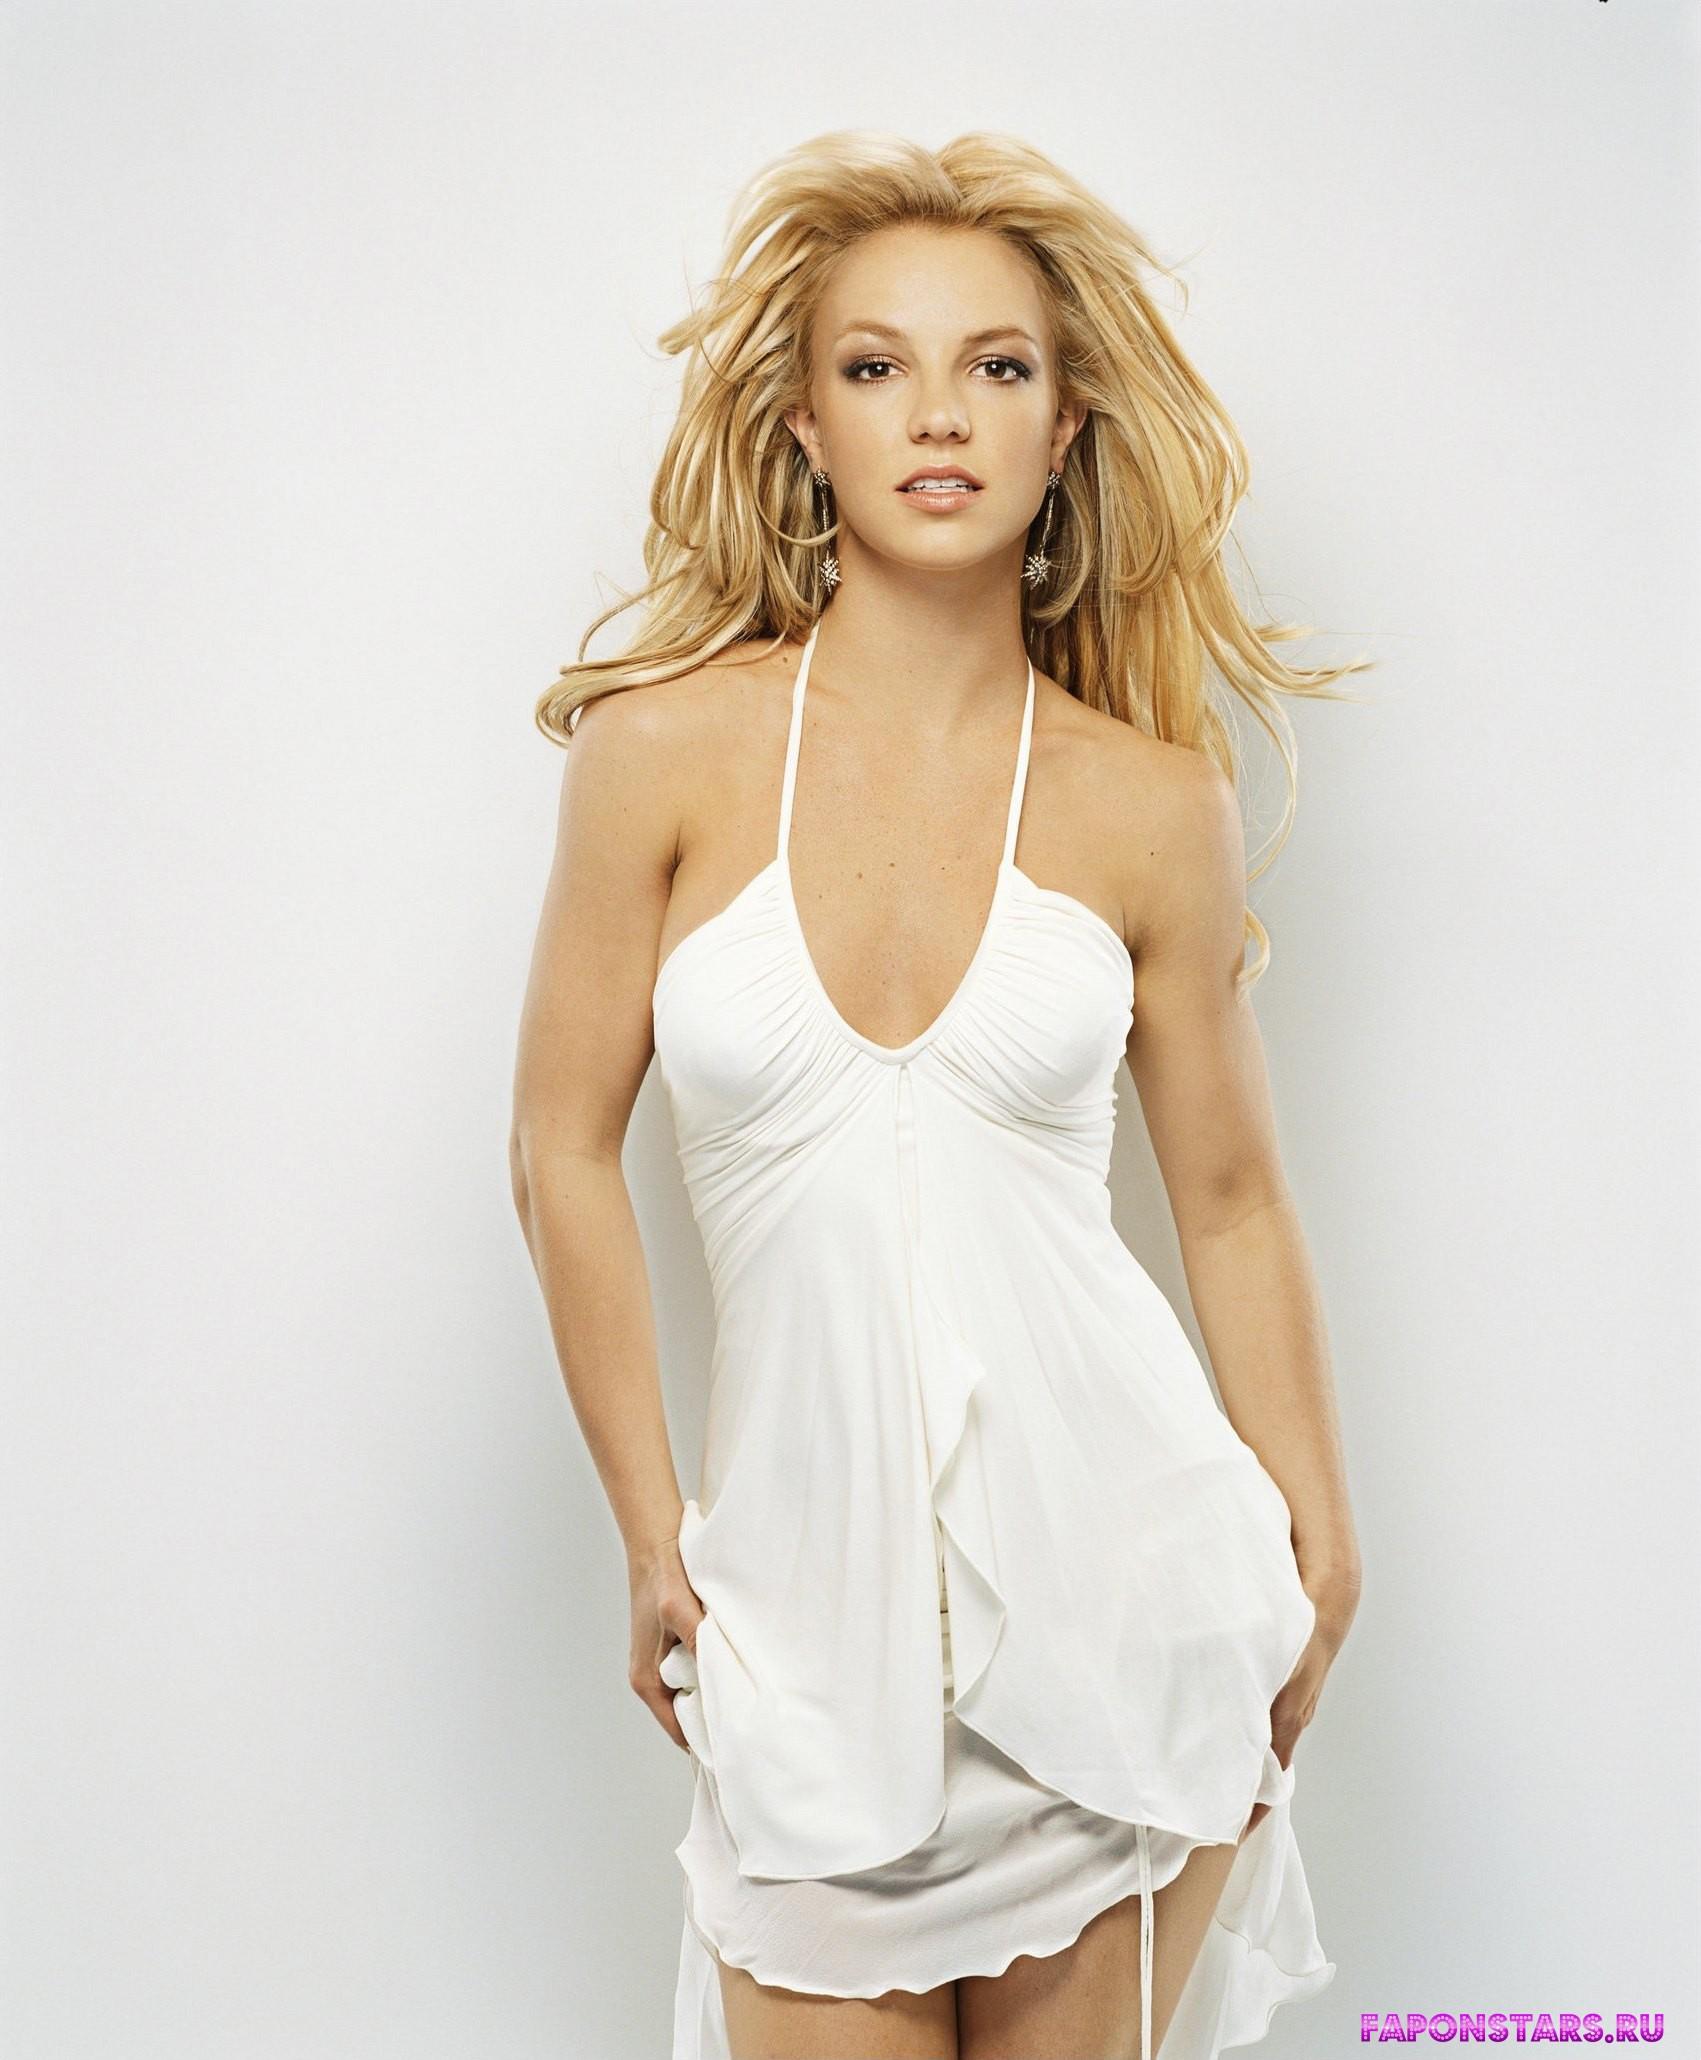 Голые знаменитости Бритни Спирс голая  видео и фото